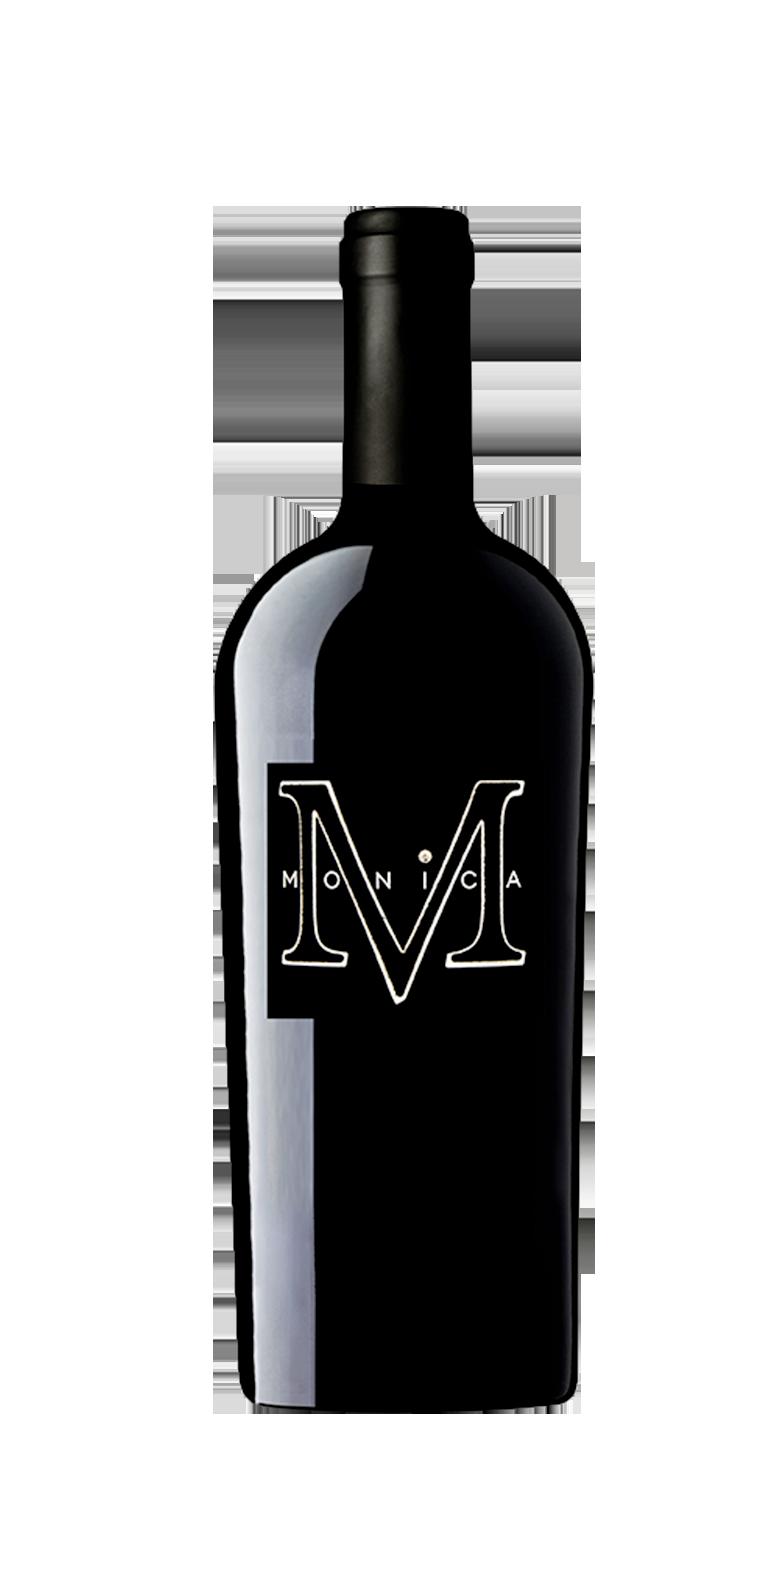 monica-vin